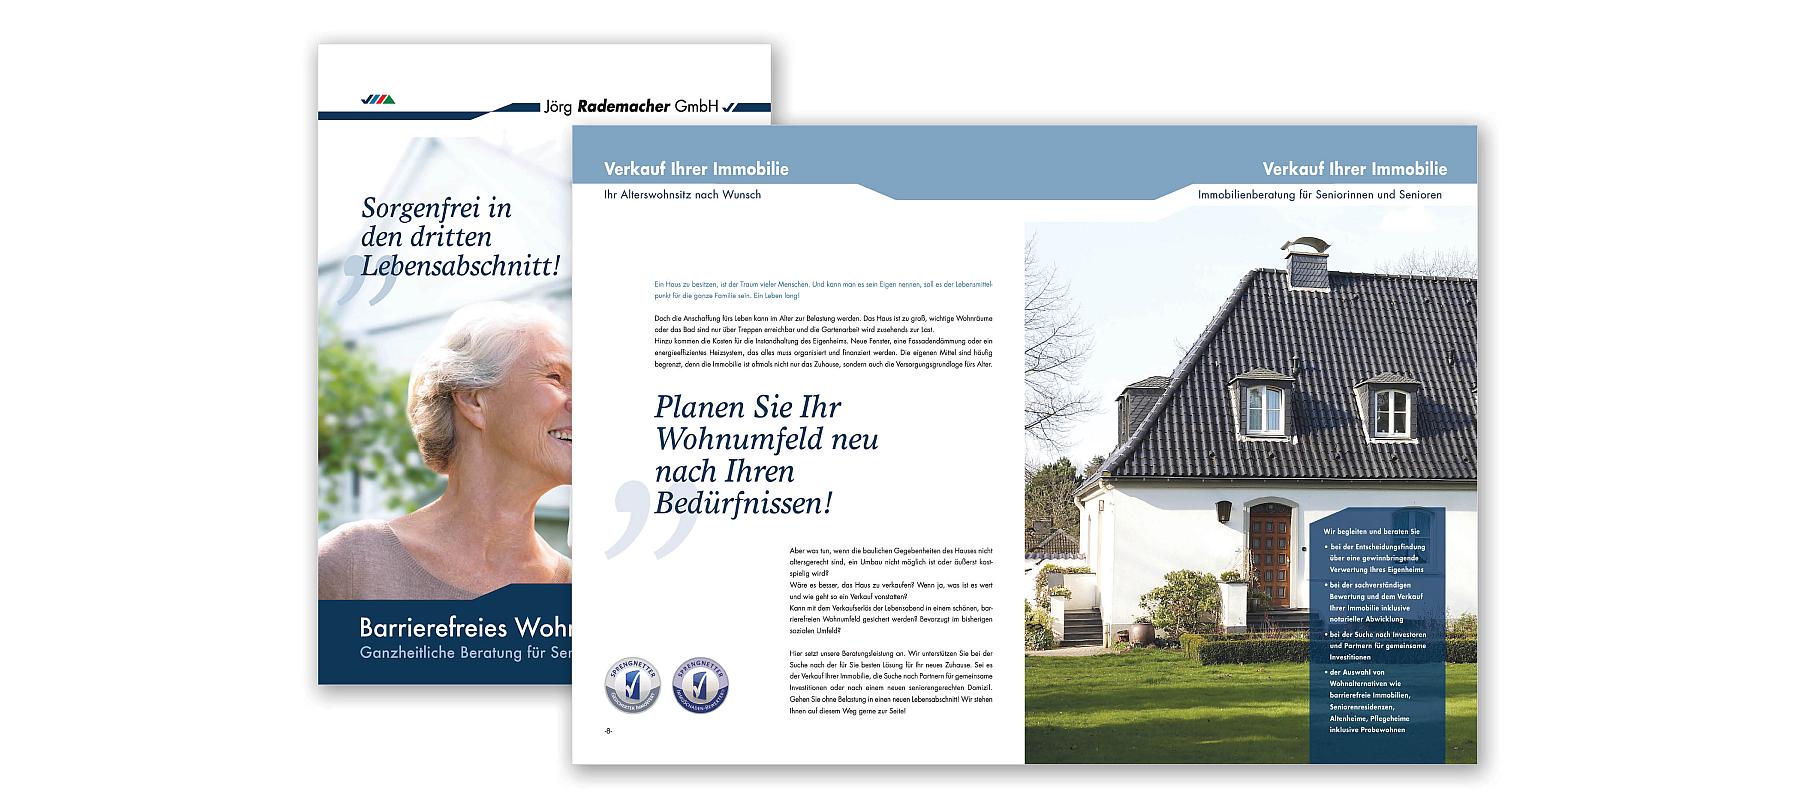 Broschüre Unternehmensgruppe Rademacher als Referenz von Die Konzepter